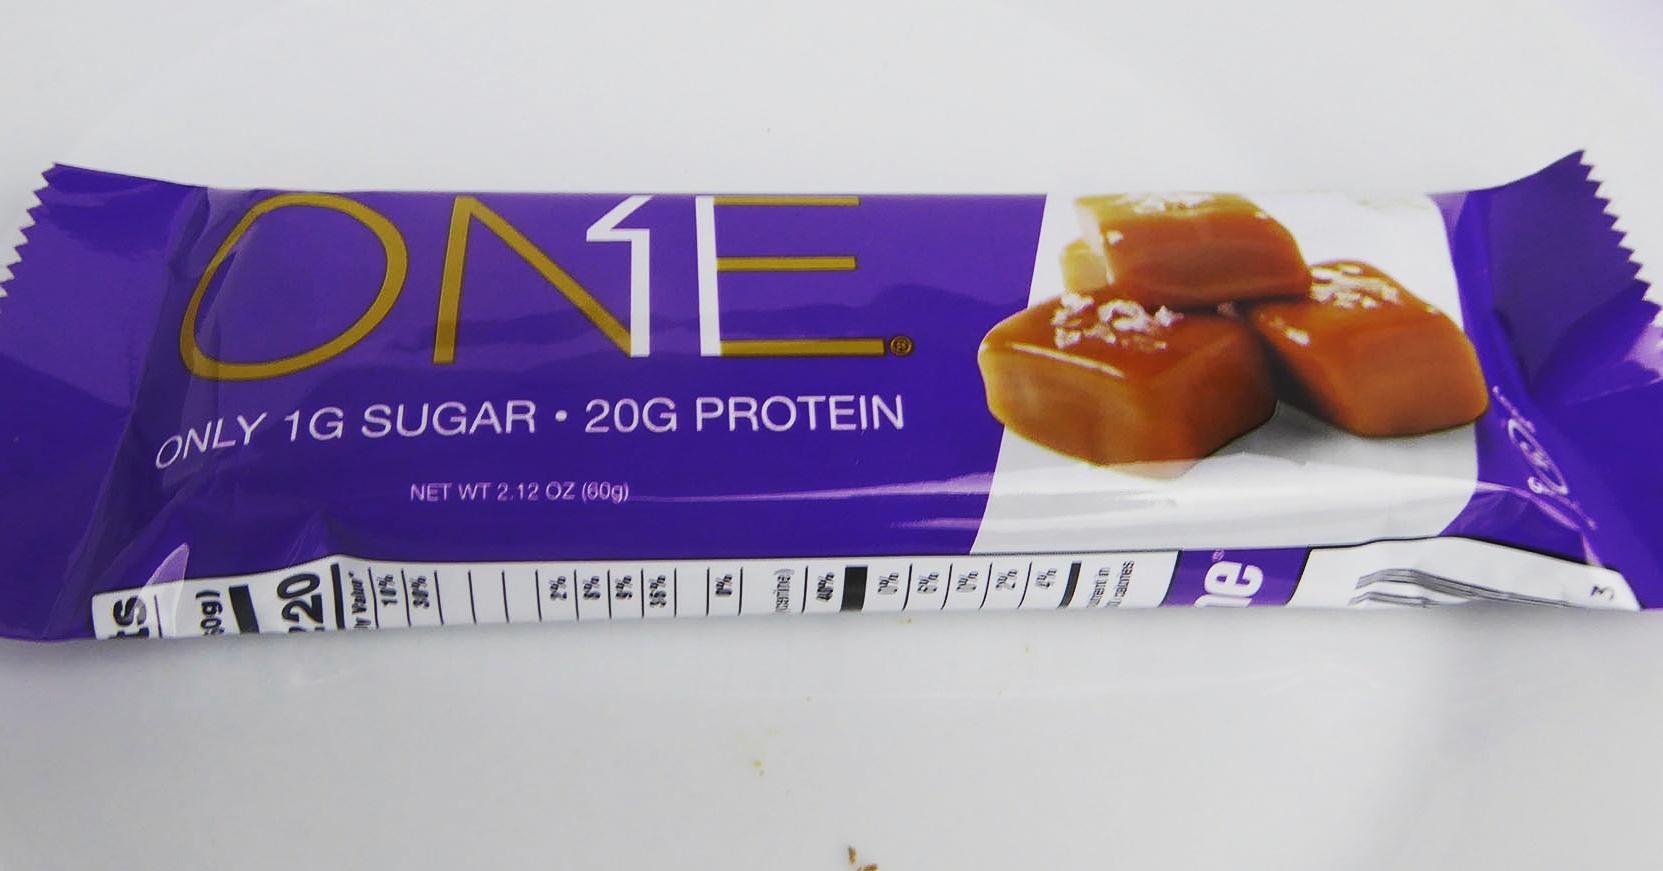 One Salted Caramel Proteinriegel Protein Bar